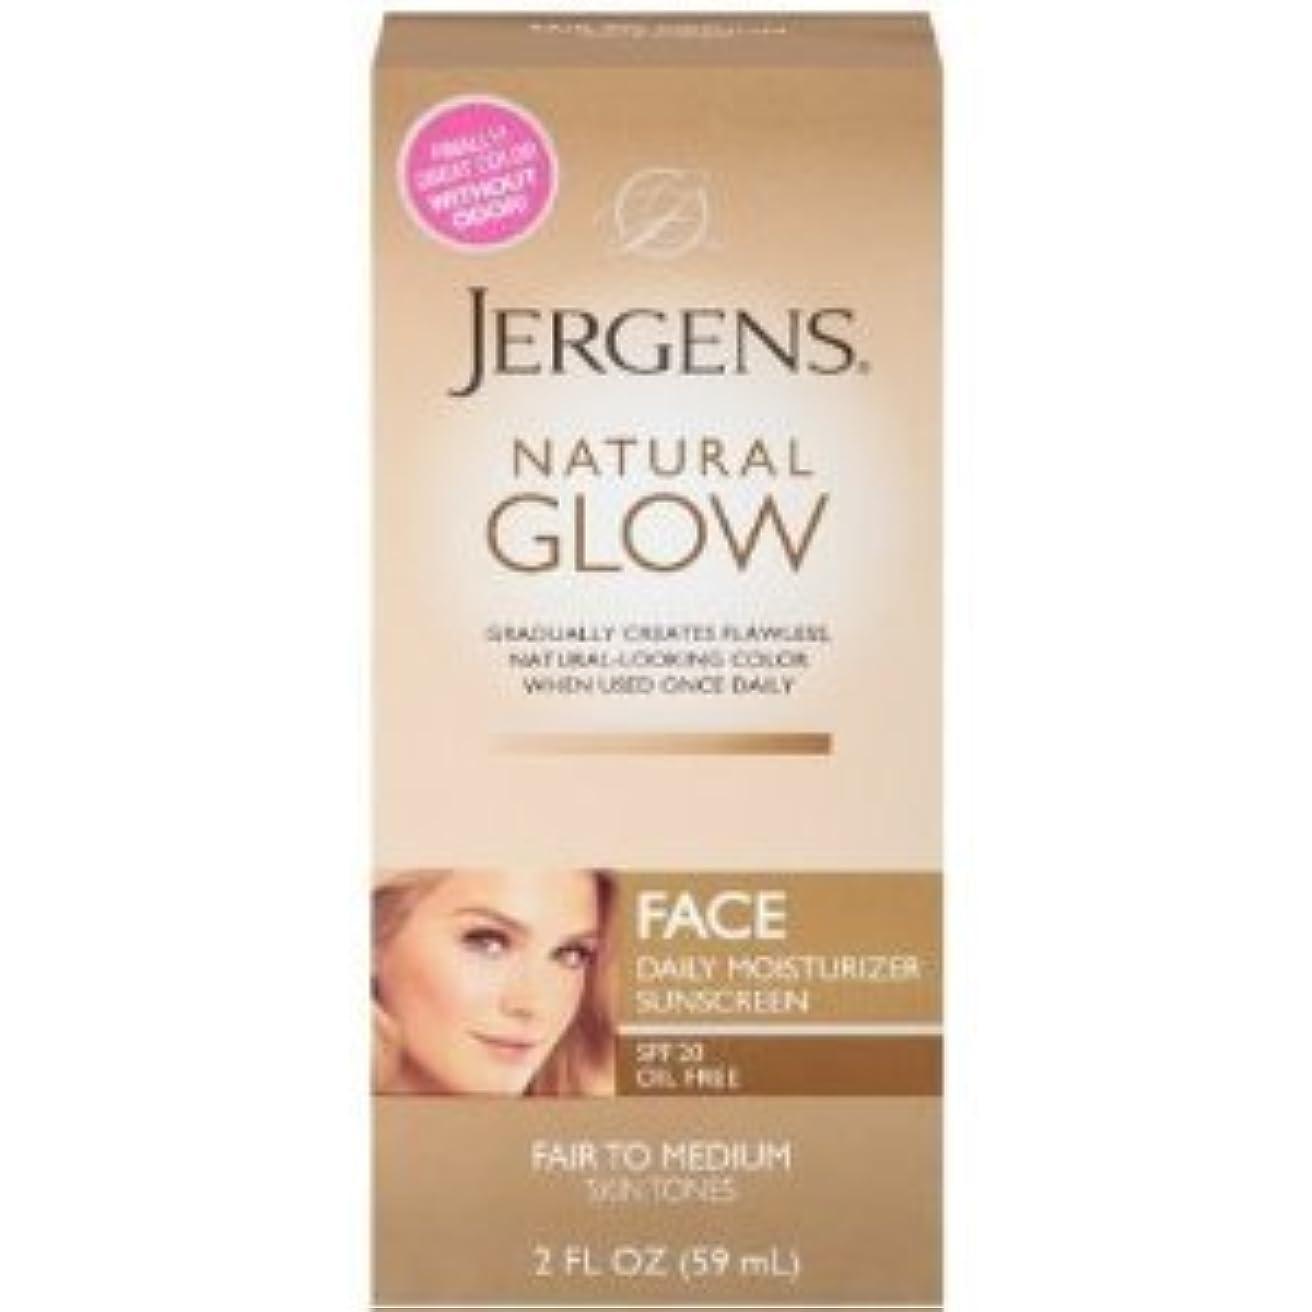 教師の日移行チップNatural Glow Healthy Complexion Daily Facial Moisturizer, SPF 20, Fair to Medium Tan, (59ml) (海外直送品)